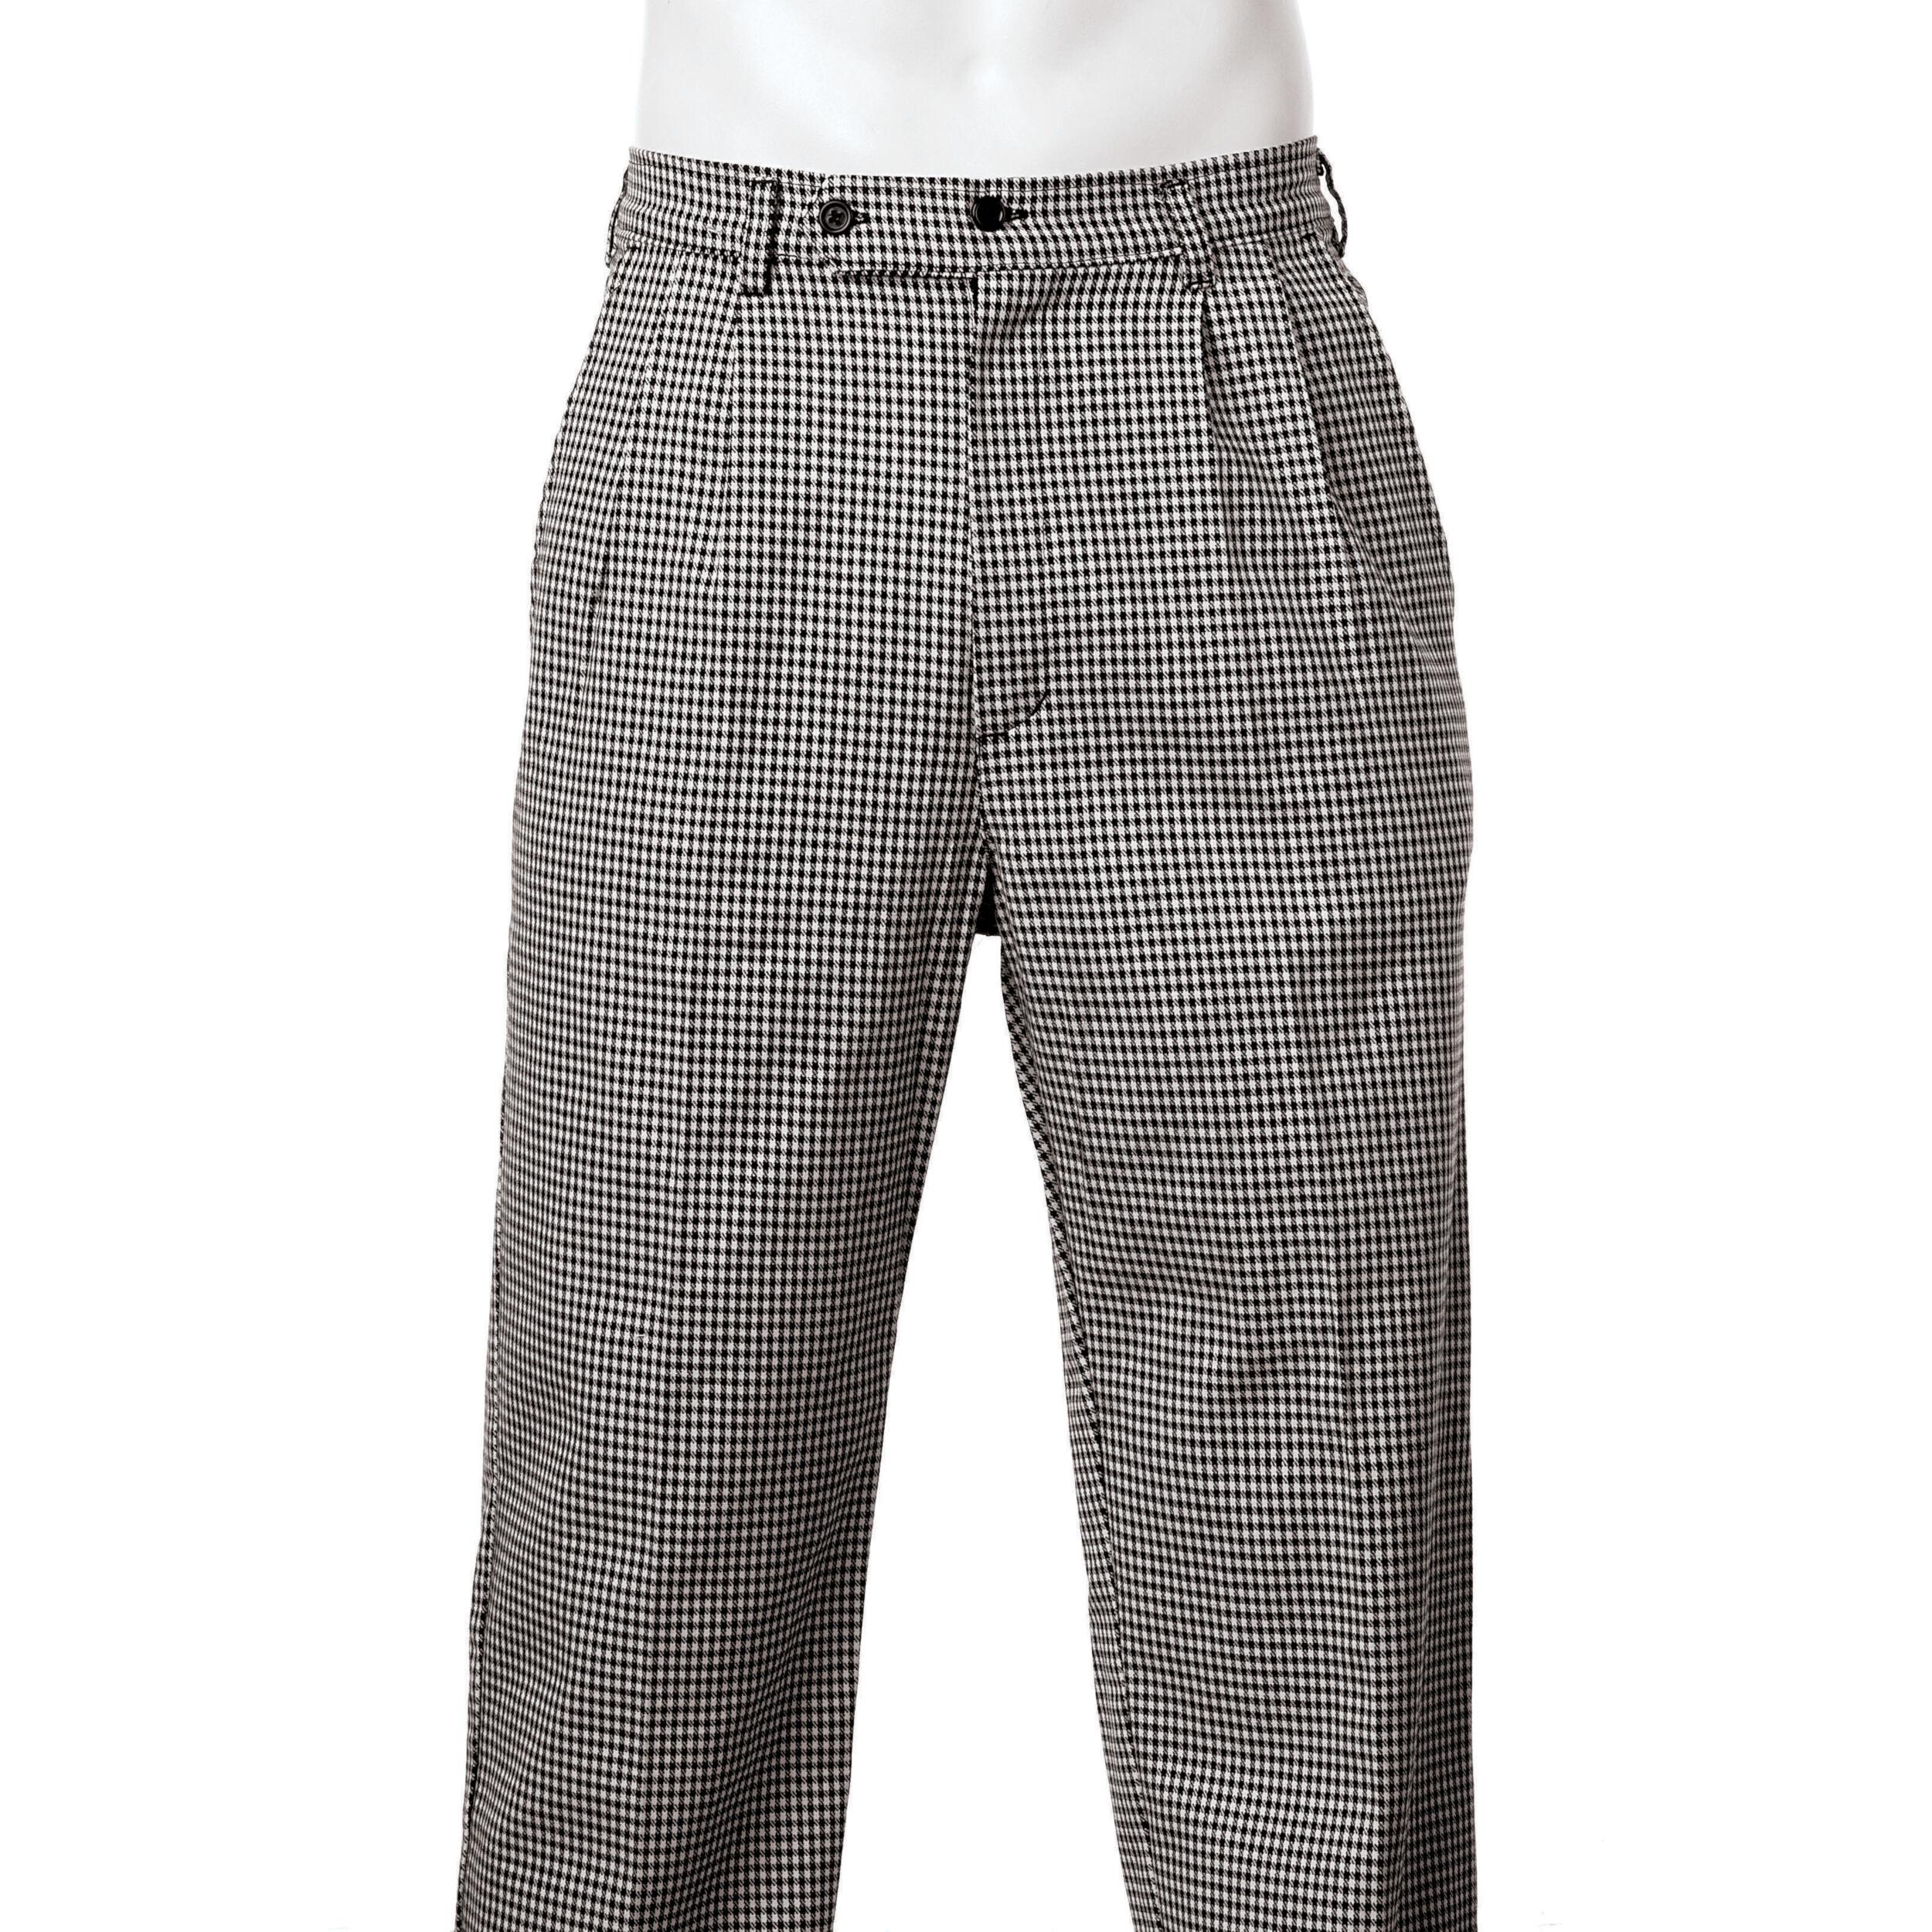 Pantaloni Cuoco Tg. 52, peso 0